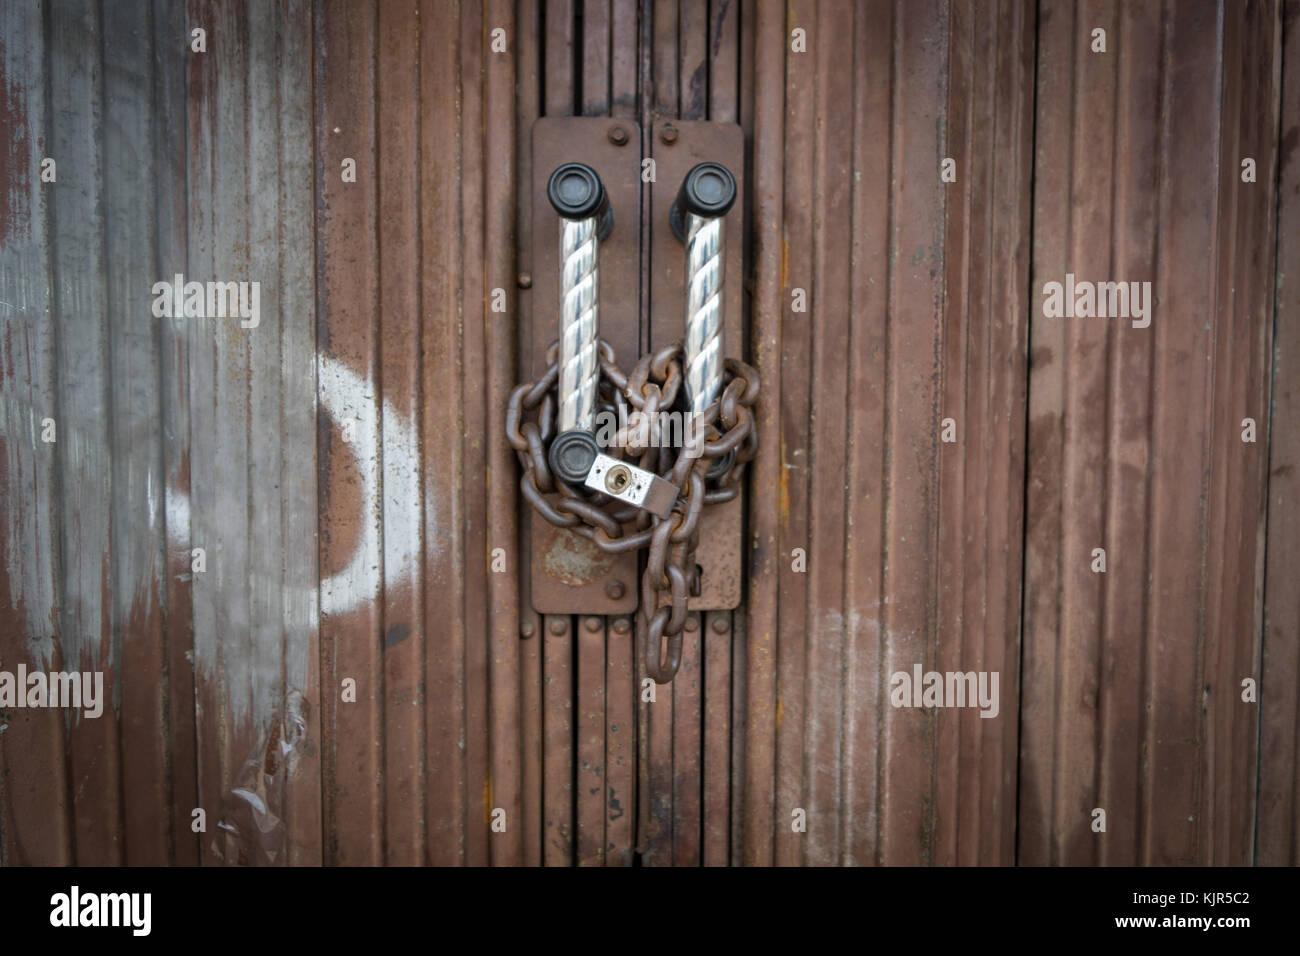 Cadena y candado bloqueado de forma segura en la puerta oxidada. Imagen De Stock